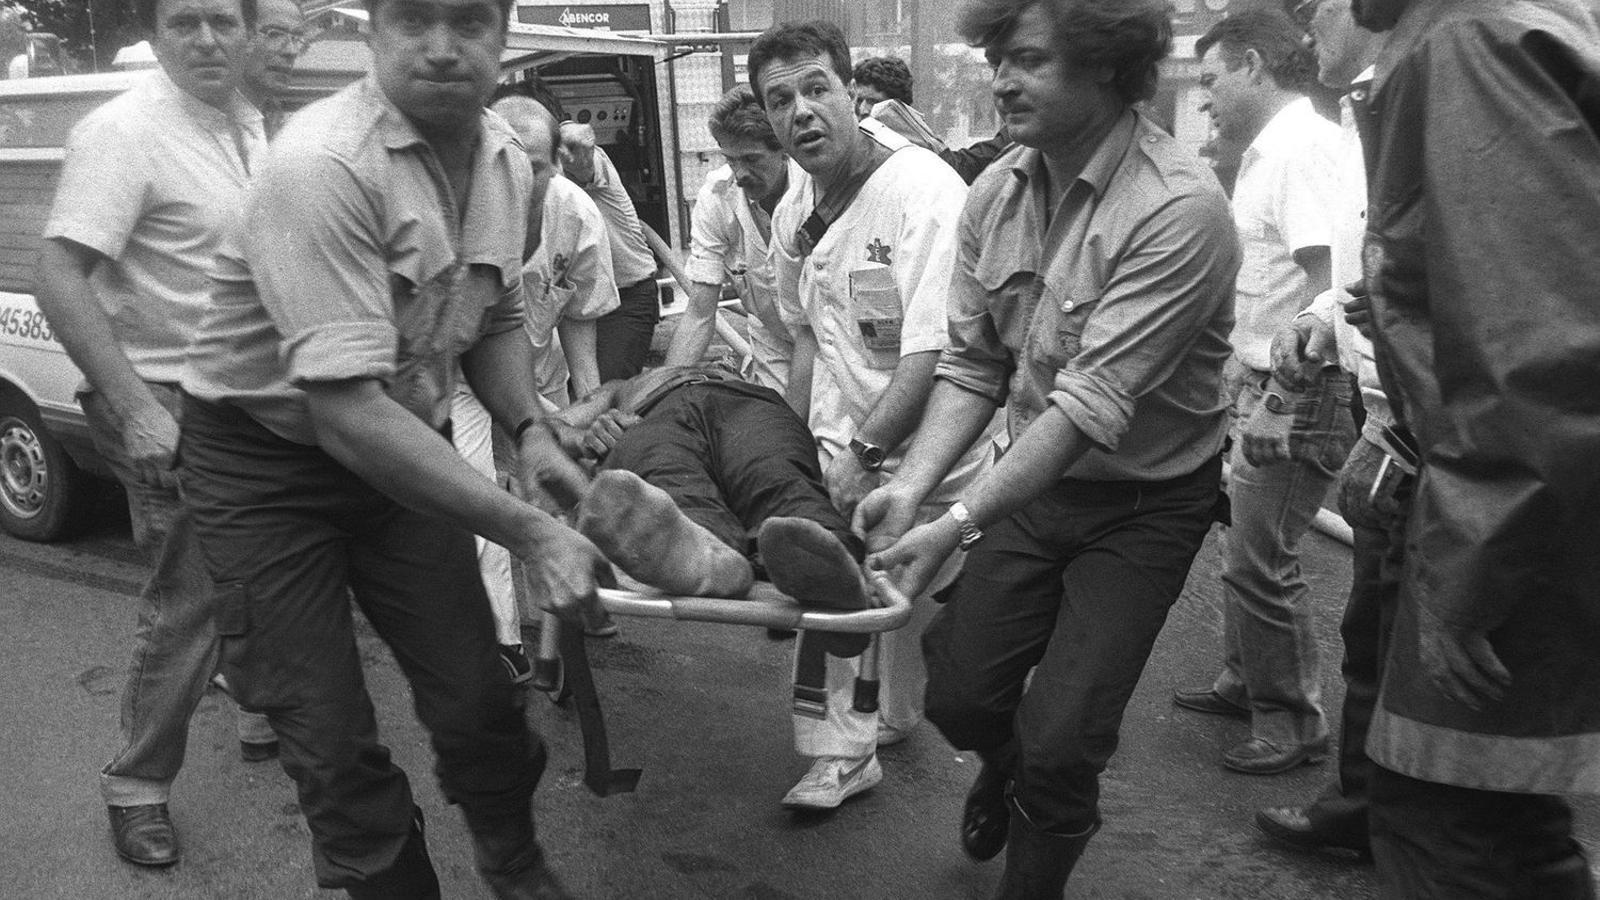 43 anys i 829 morts: el balanç mortal de la lluita armada d'ETA